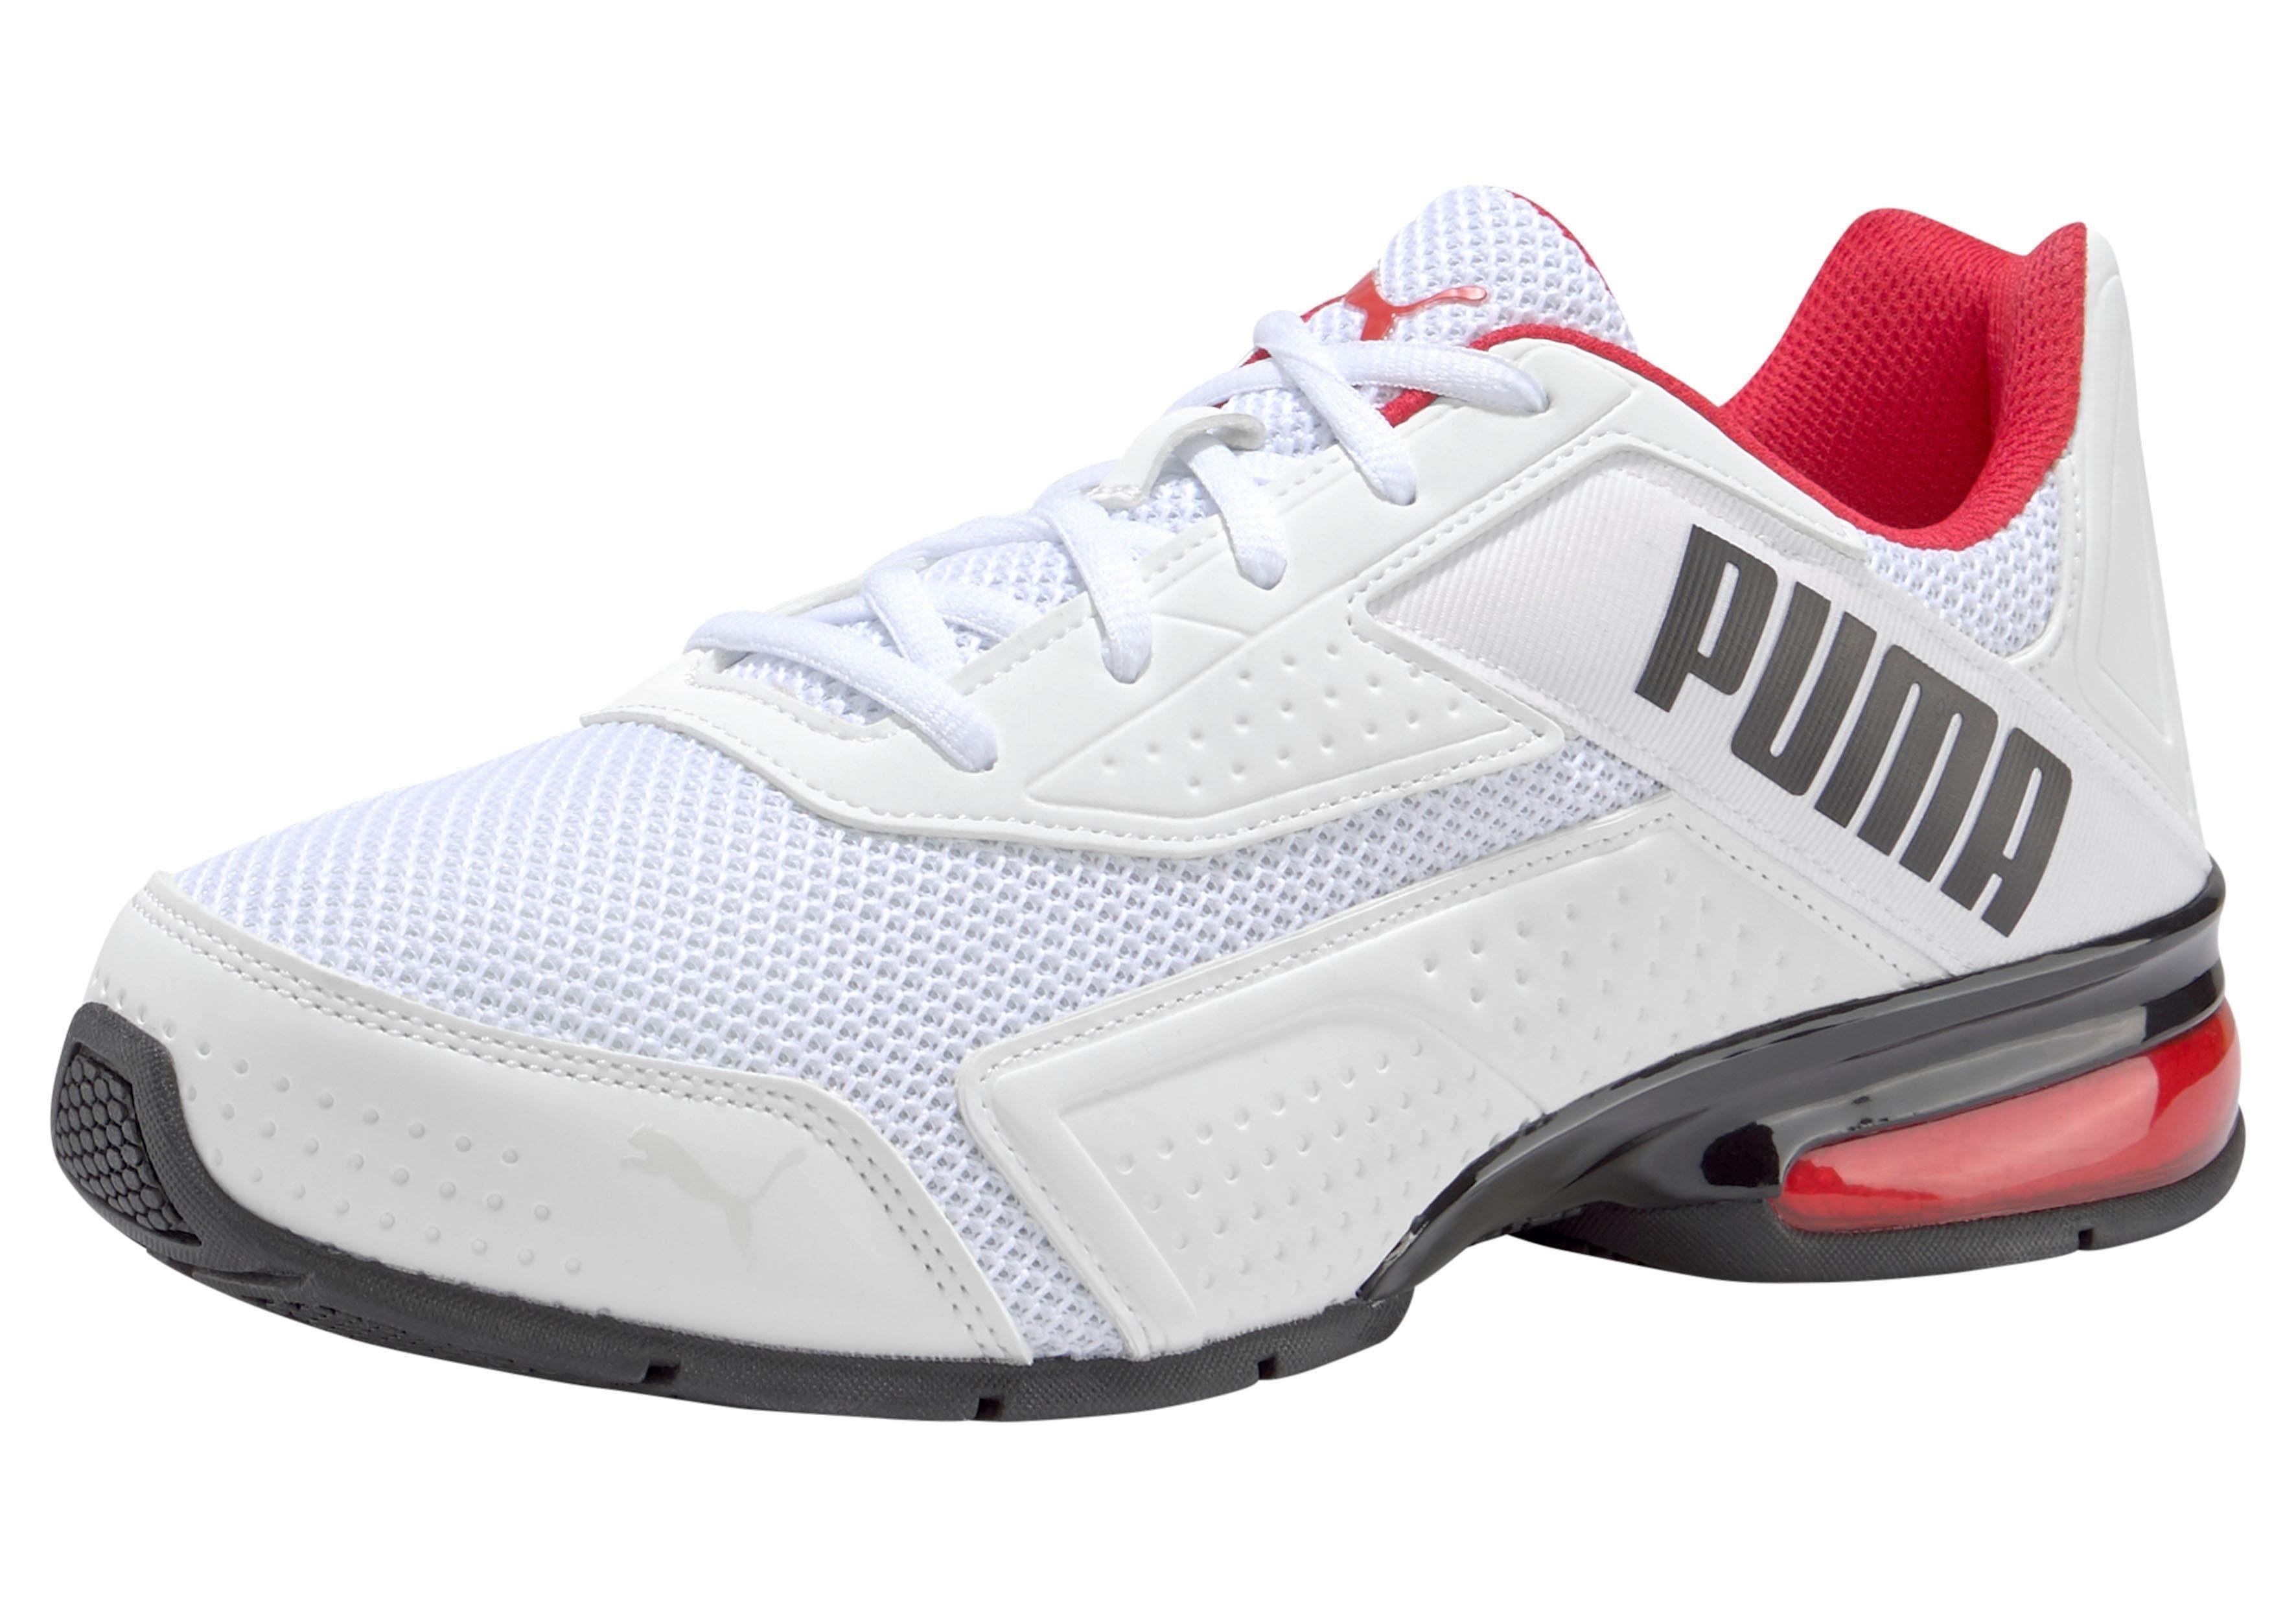 PUMA »Leader VT Bold« Sneaker, Trendiger Sneaker von PUMA online kaufen | OTTO